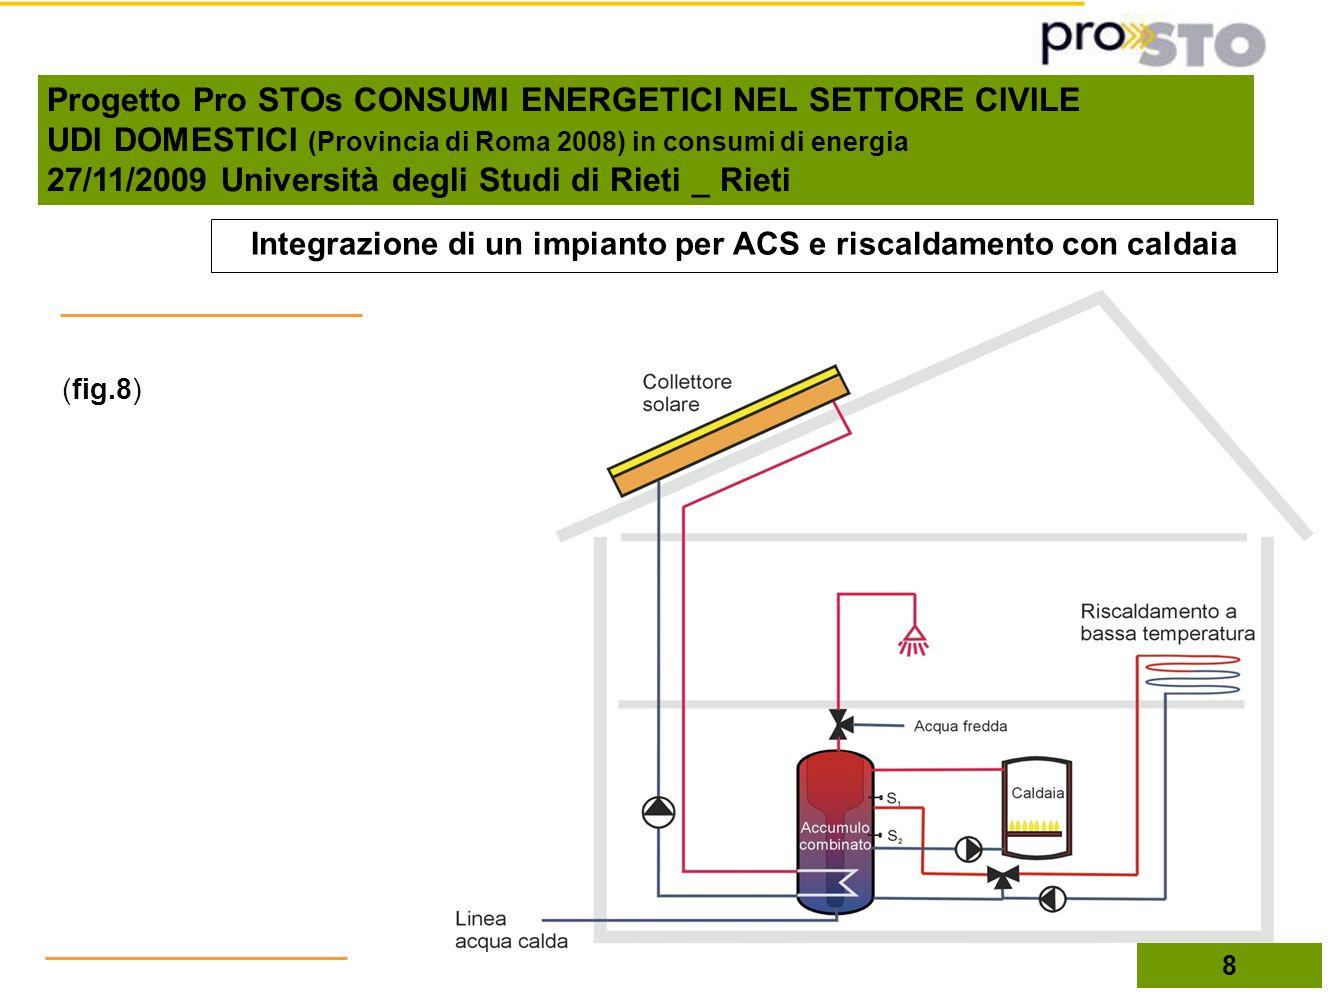 Integrazione di un impianto per ACS e riscaldamento con caldaia